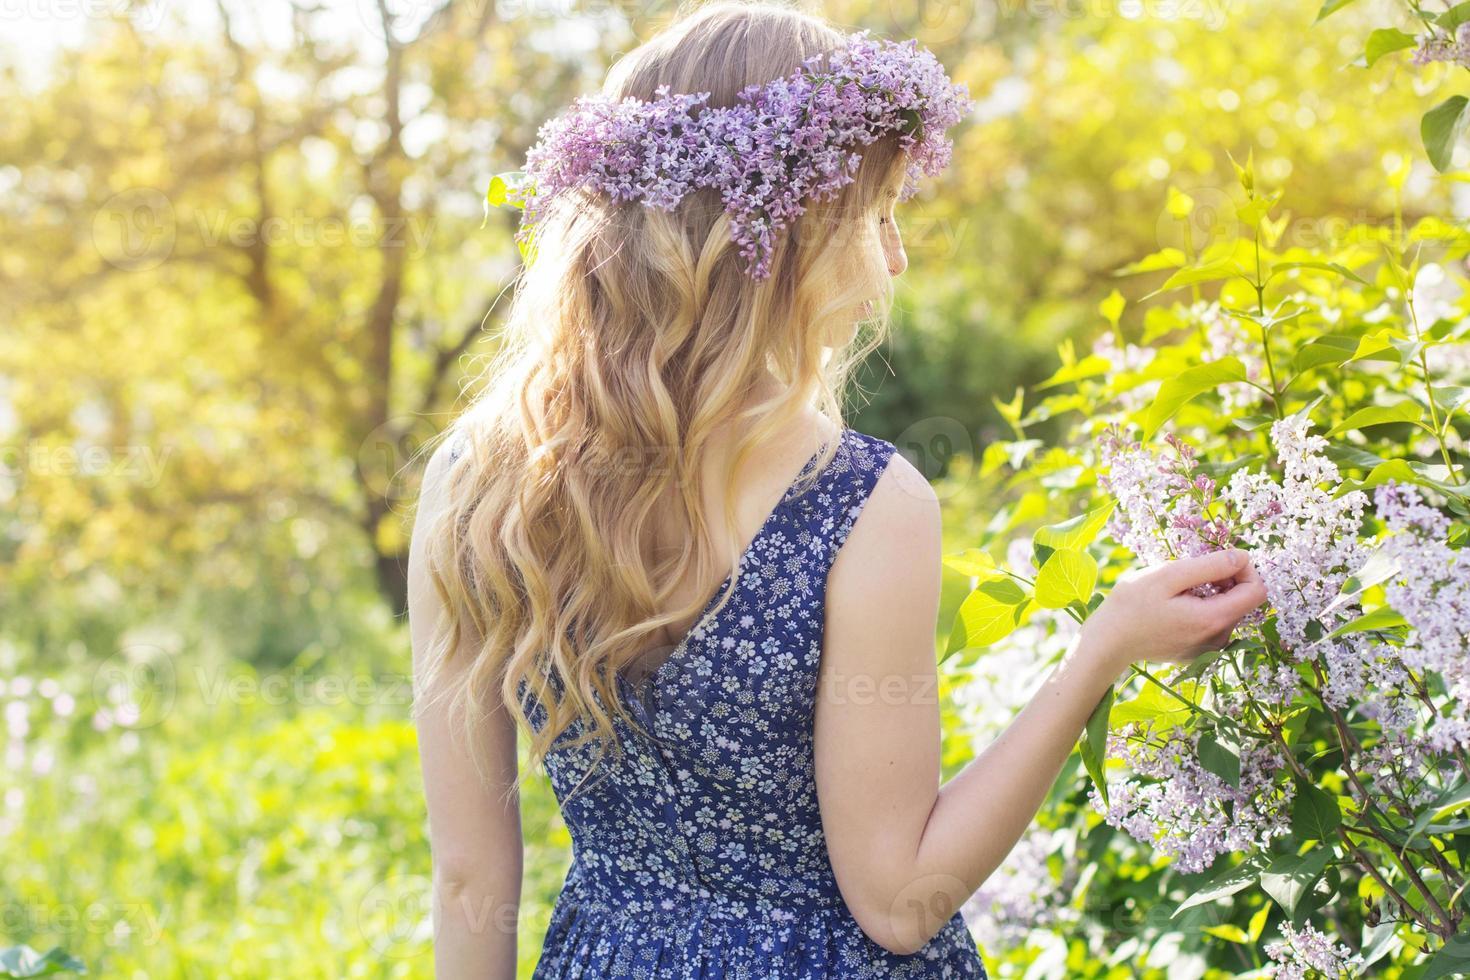 ragazza con ghirlanda di fiori lilla nel parco verde foto